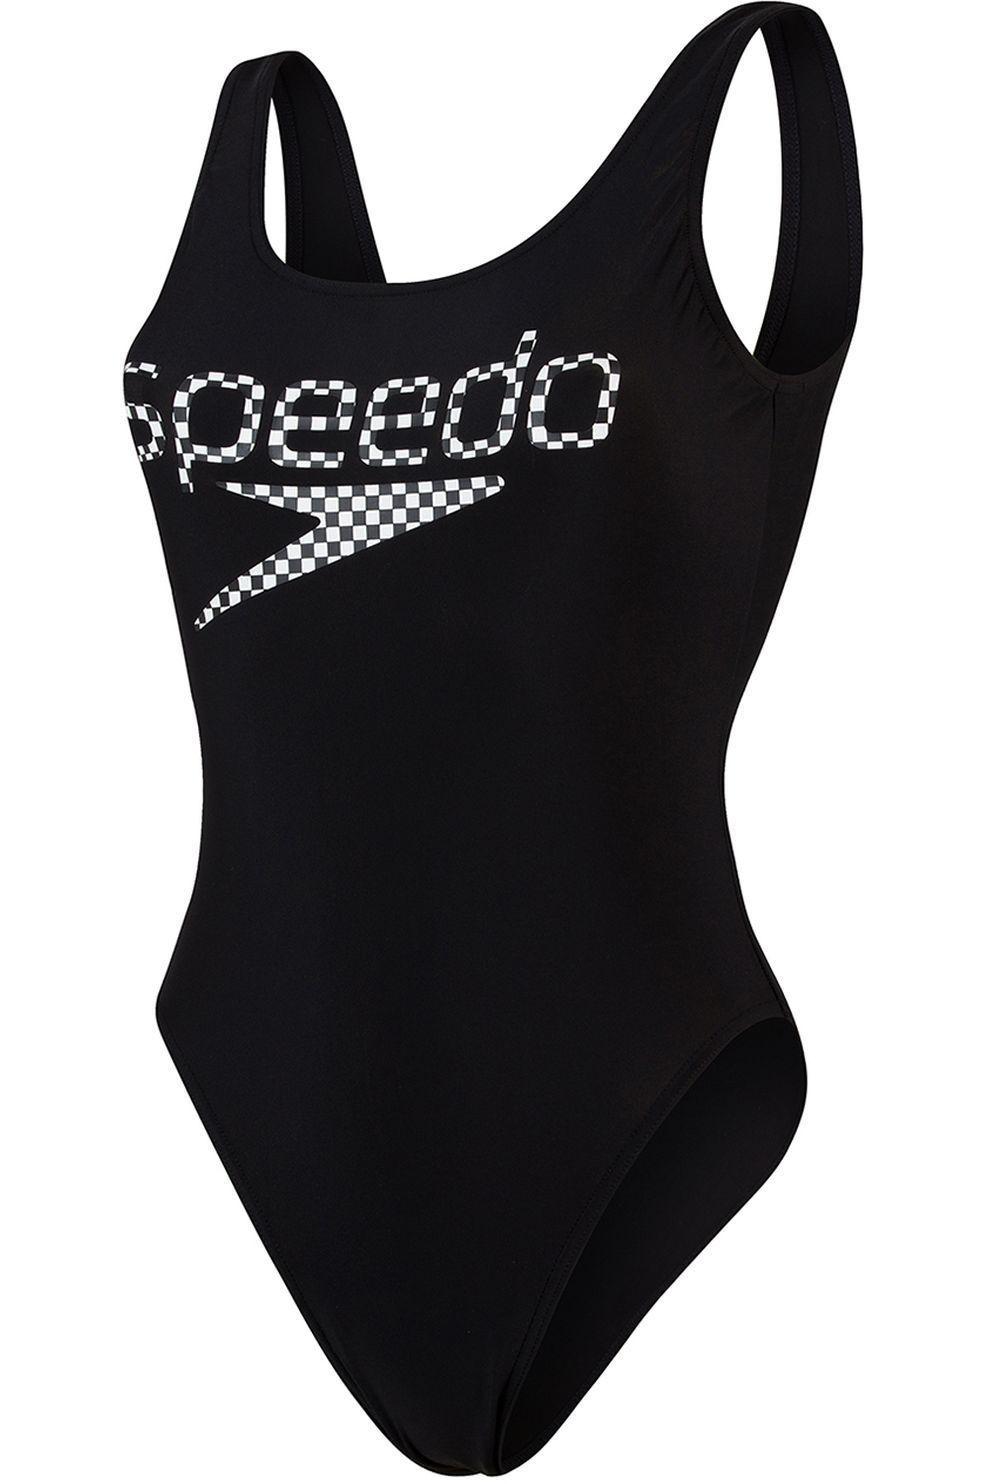 Speedo Badpak Stripe Logo Deep Ub voor dames - Zwart/Wit - Maten: 36, 38, 40, 42, 44